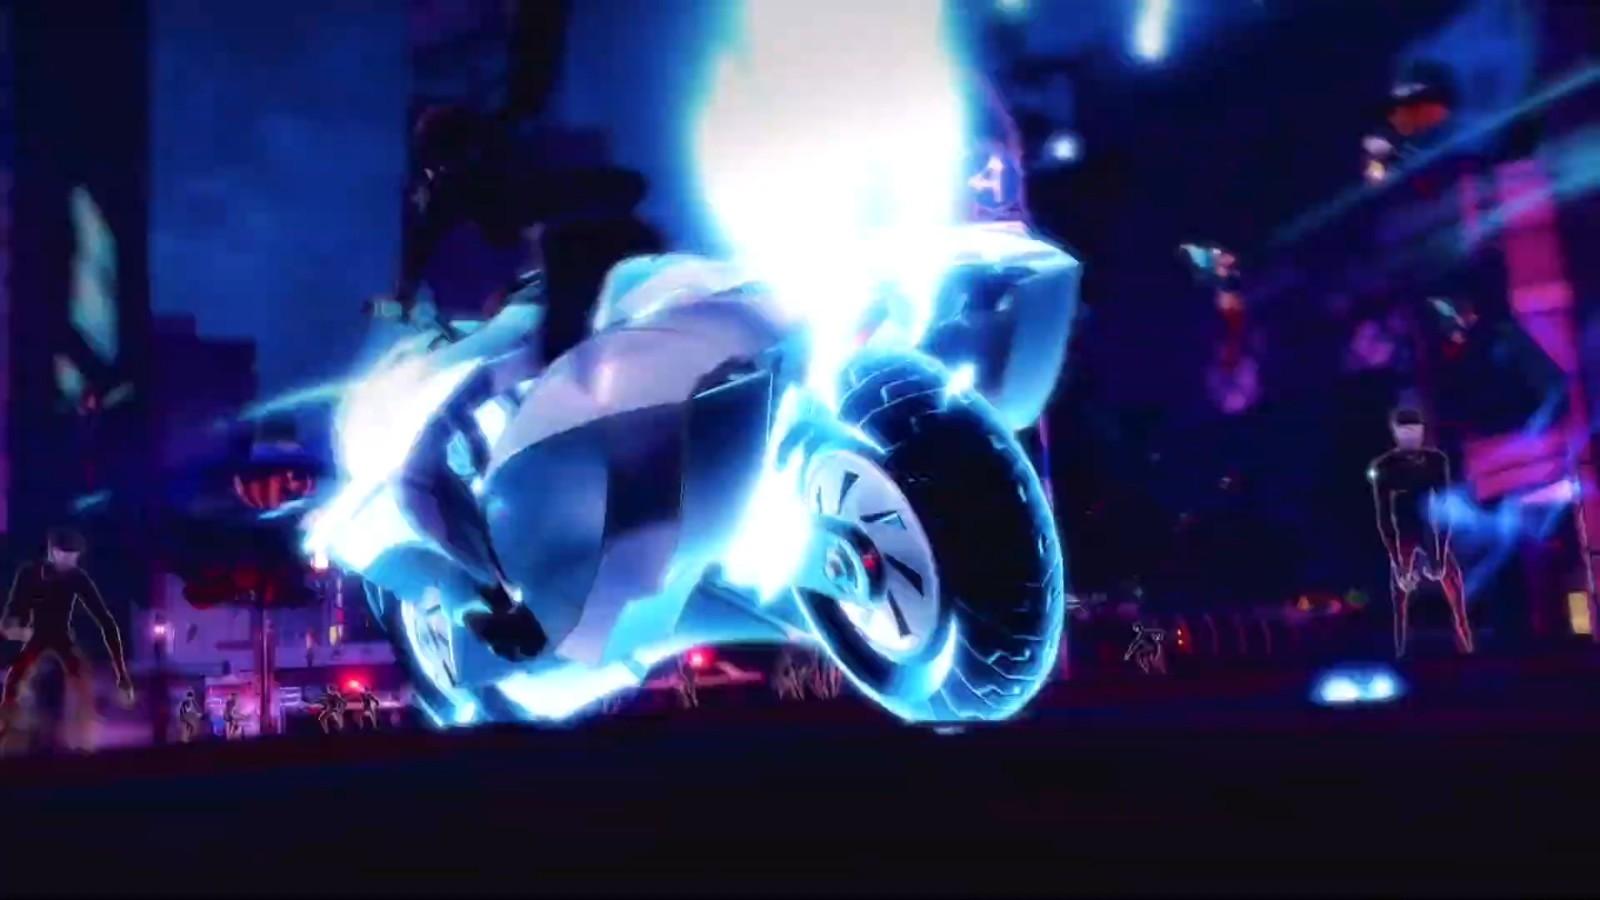 《女神异闻录5 乱战:魅影攻手》发售预告公开 豪华版用户已可玩